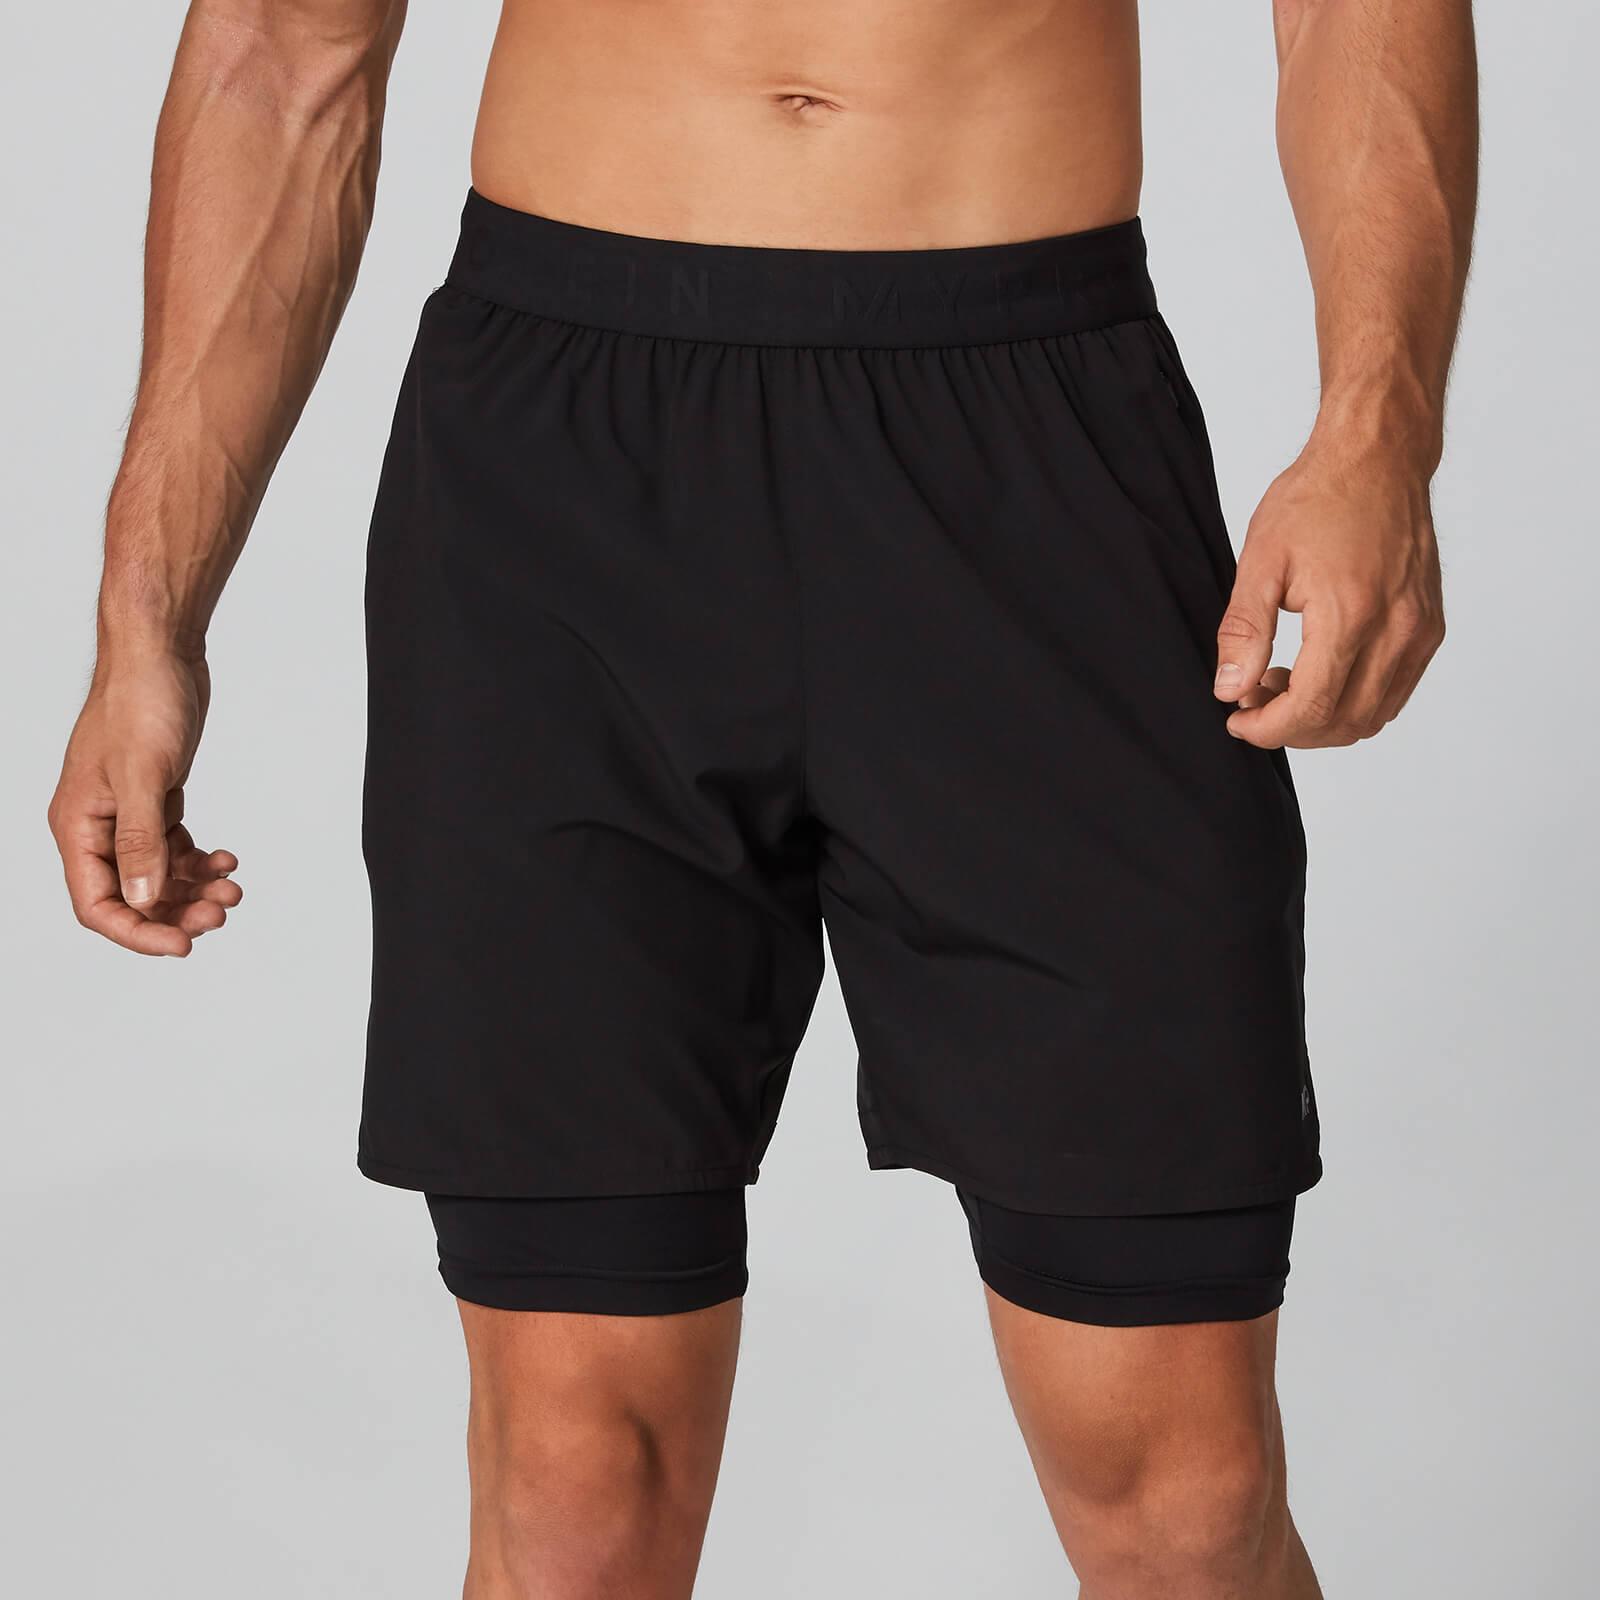 Myprotein Power Shorts 7 Inch - Black - XL